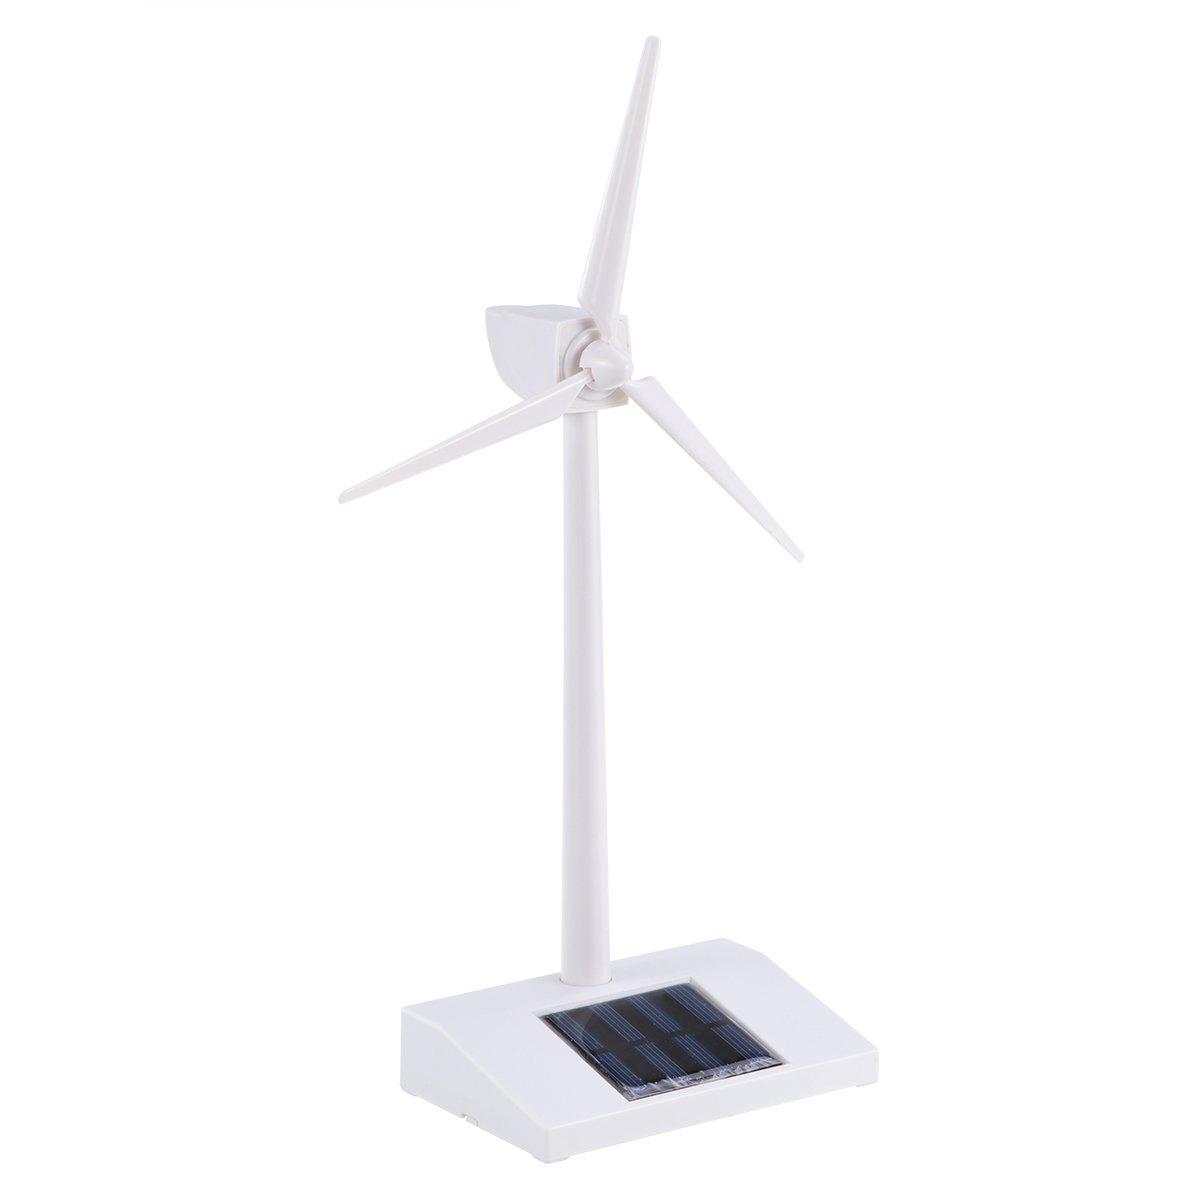 TOYMYTOY Moulins à vent actionnés solaires de turbine de vent de plastiques de modèle de bureau pour l'éducation